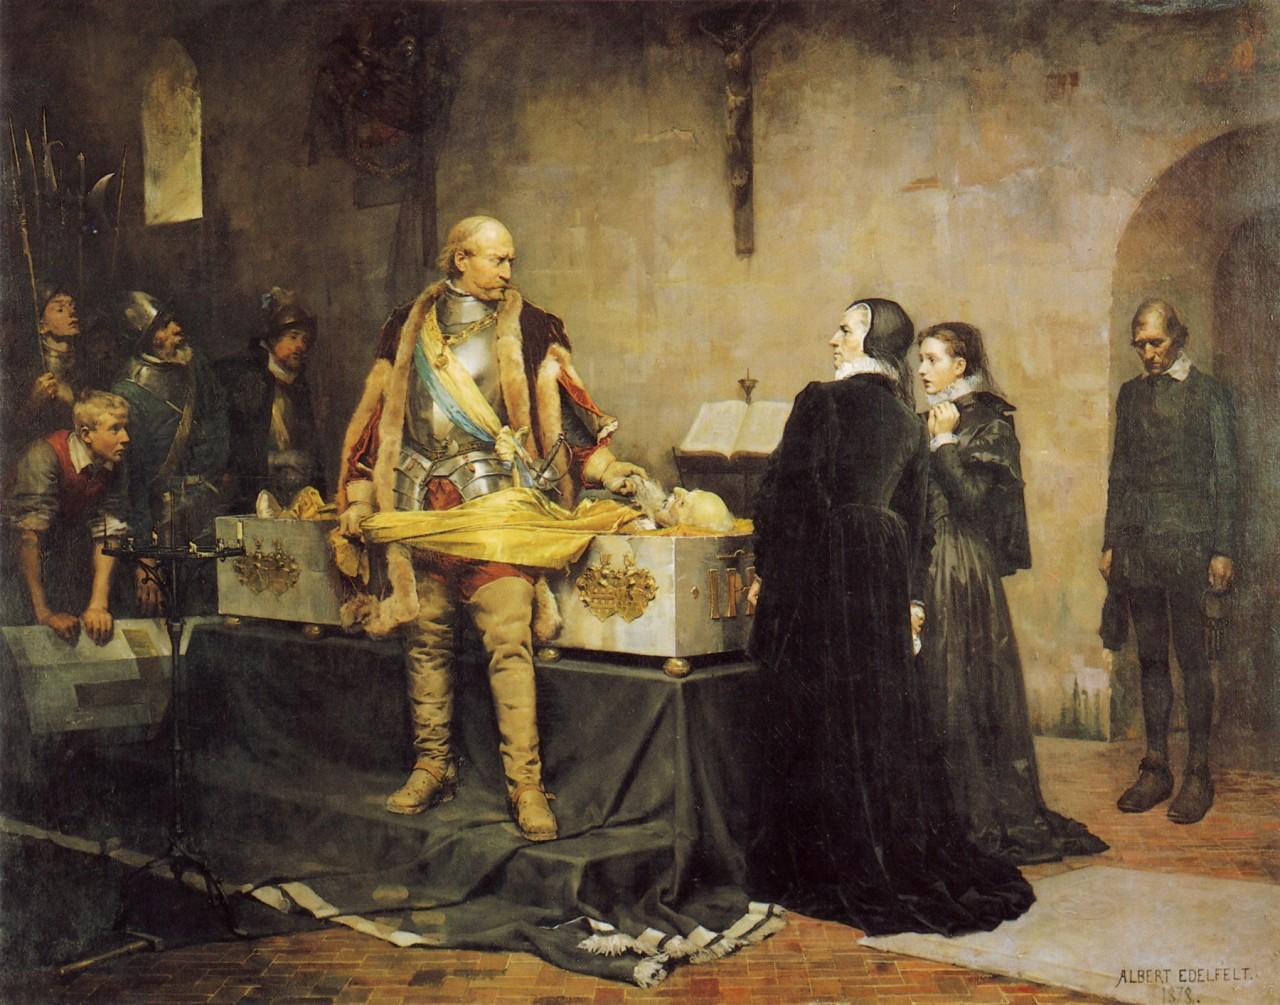 Альберт Эдельфельт. «Надругательство герцога Карла над телом Клауса Флеминга». 1877 г.